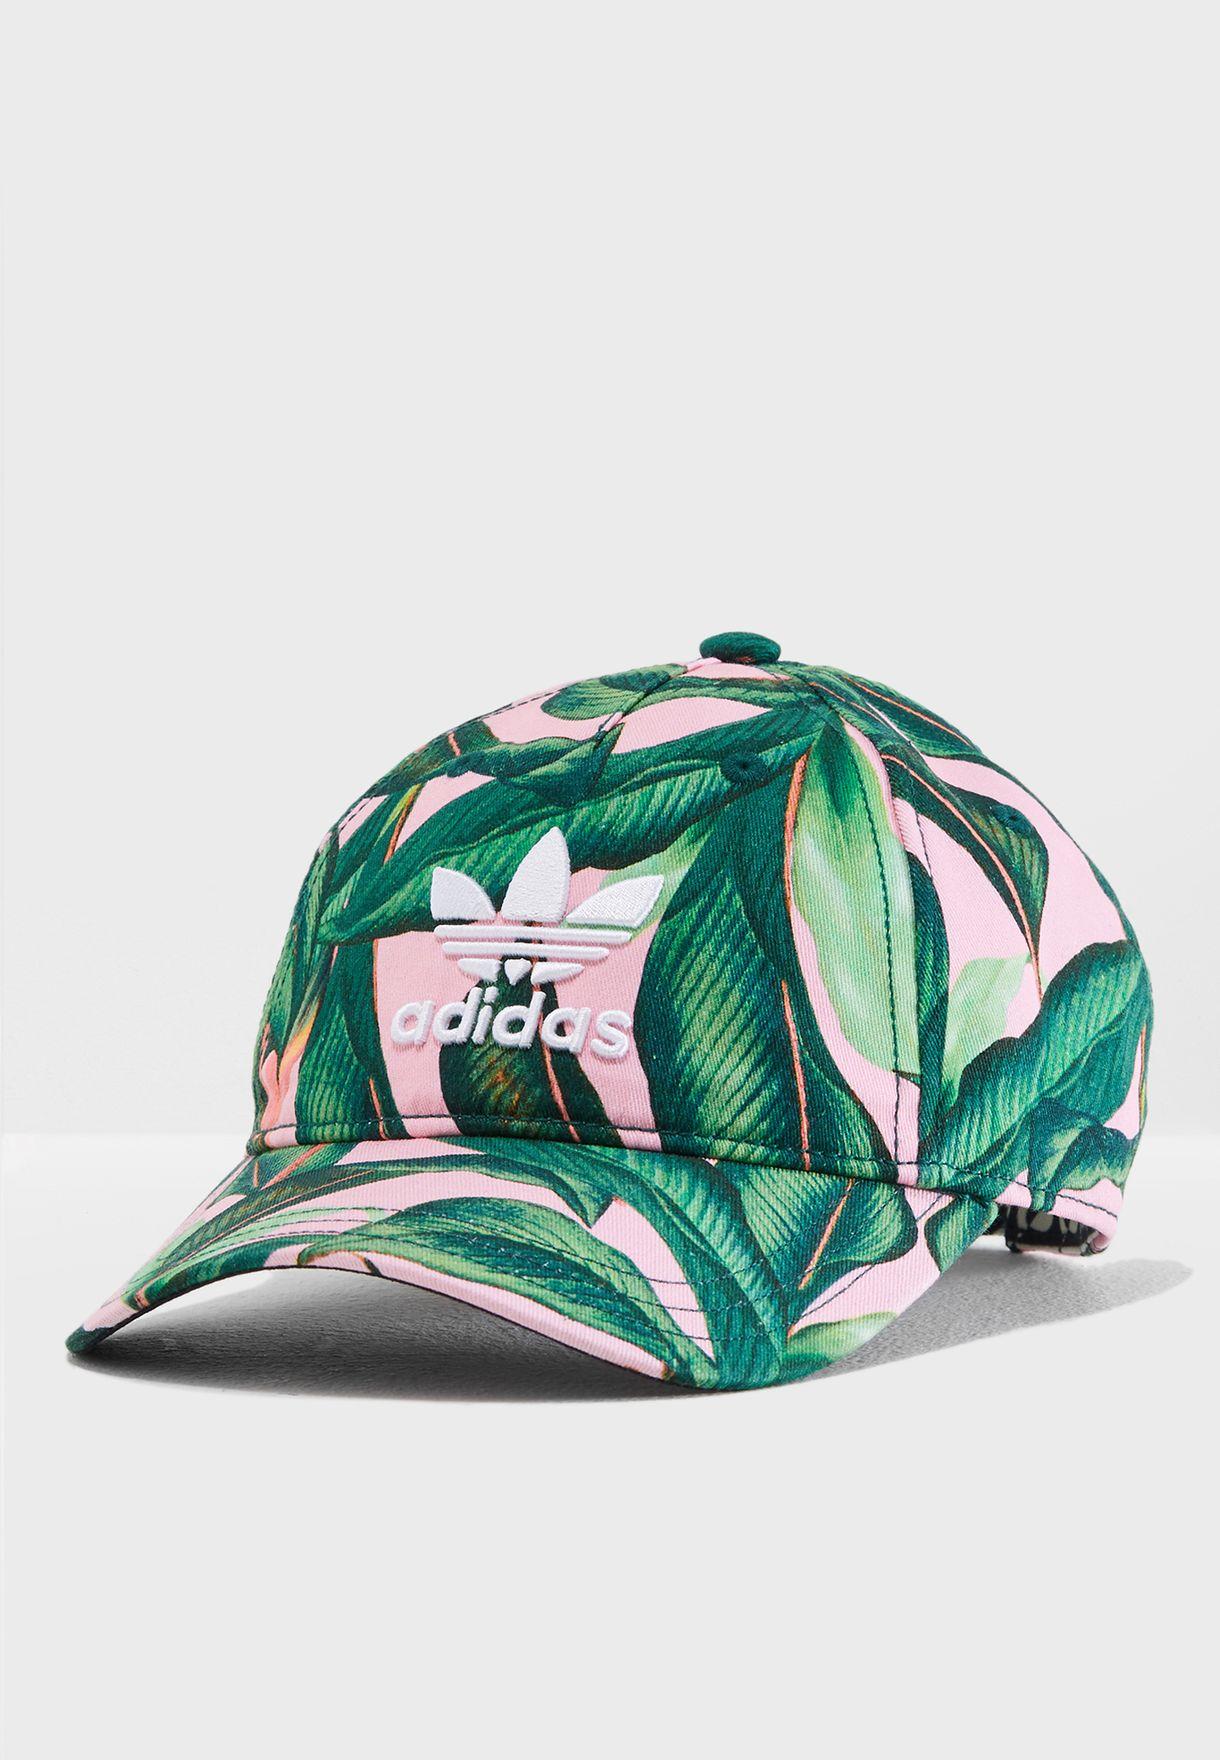 85ad9a43d7e2 Shop adidas Originals prints Farm Baseball Cap DH4399 for Women in ...